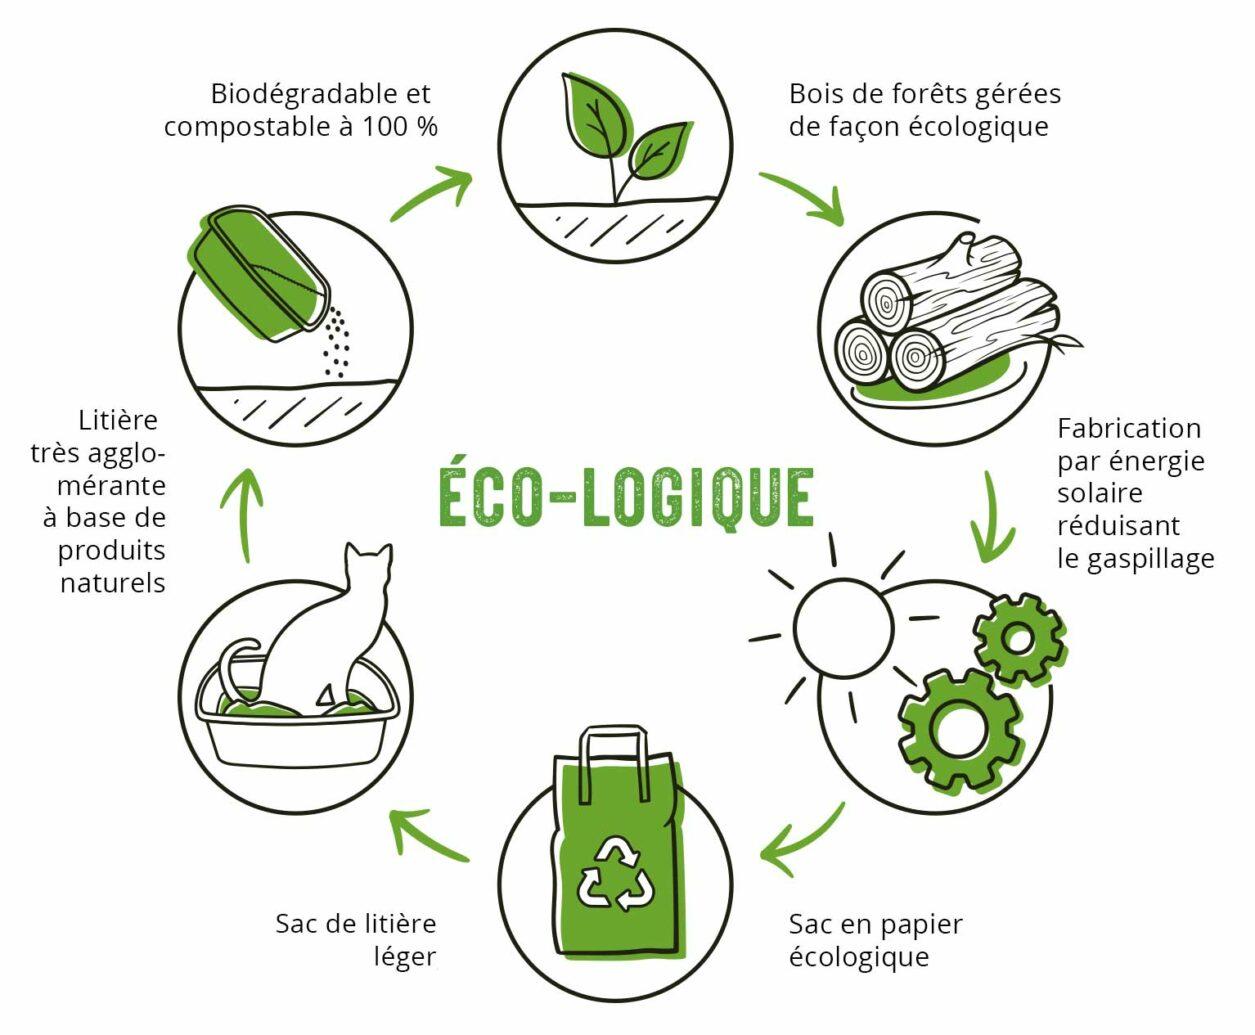 Avec cette litière, vous choisissez de recycler et de donner un coup de main à la nature